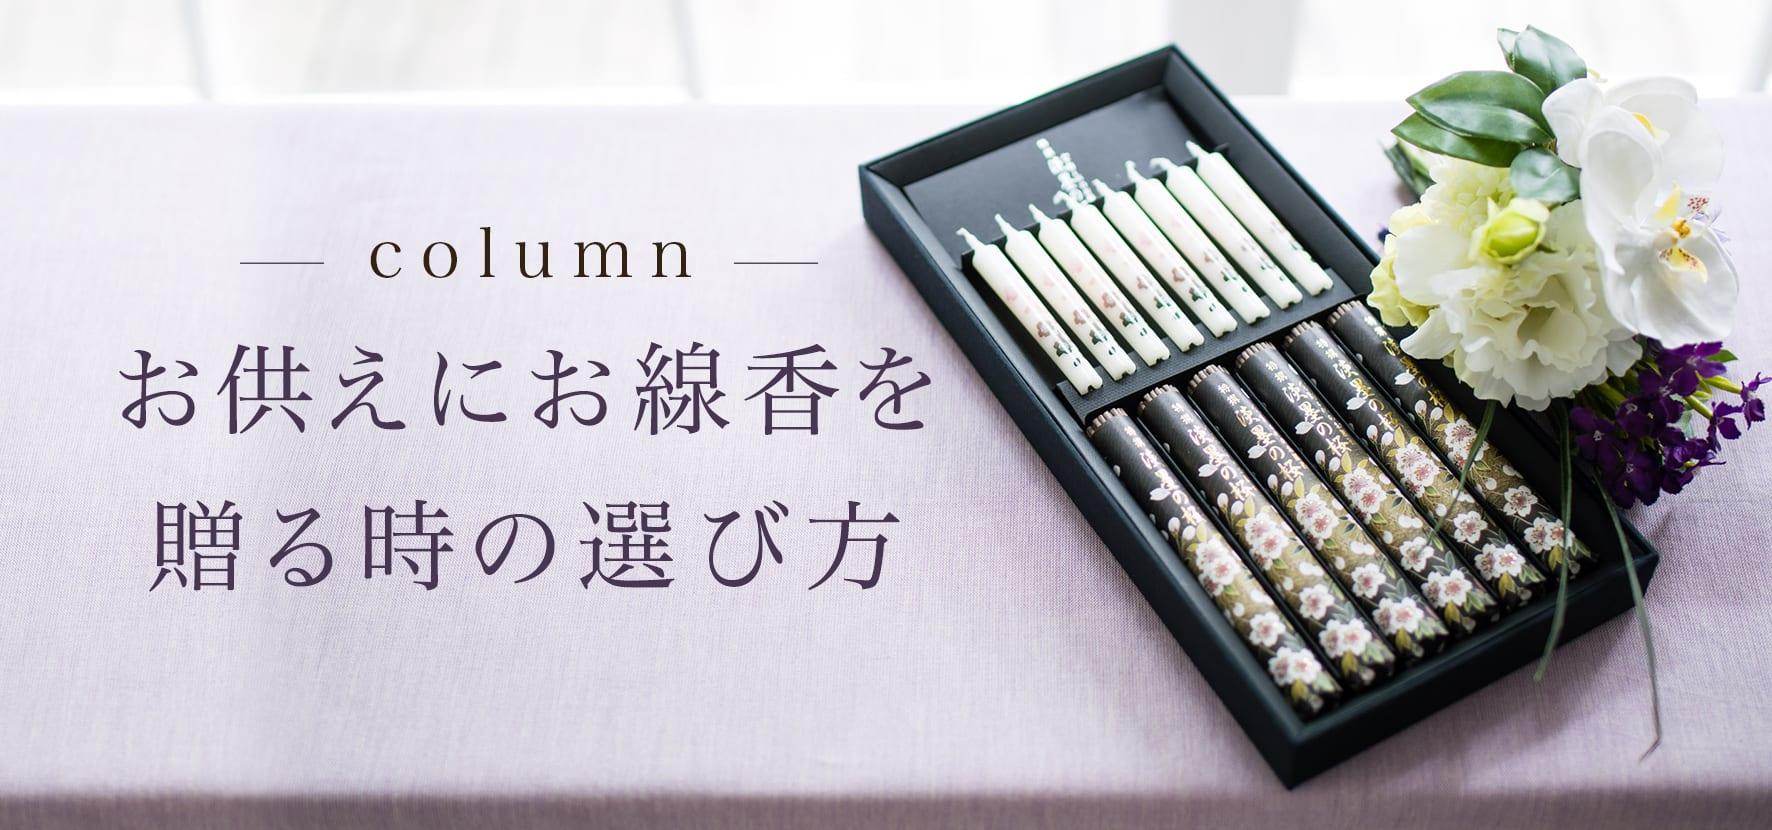 お供えにお線香を贈る時の選び方、基礎知識